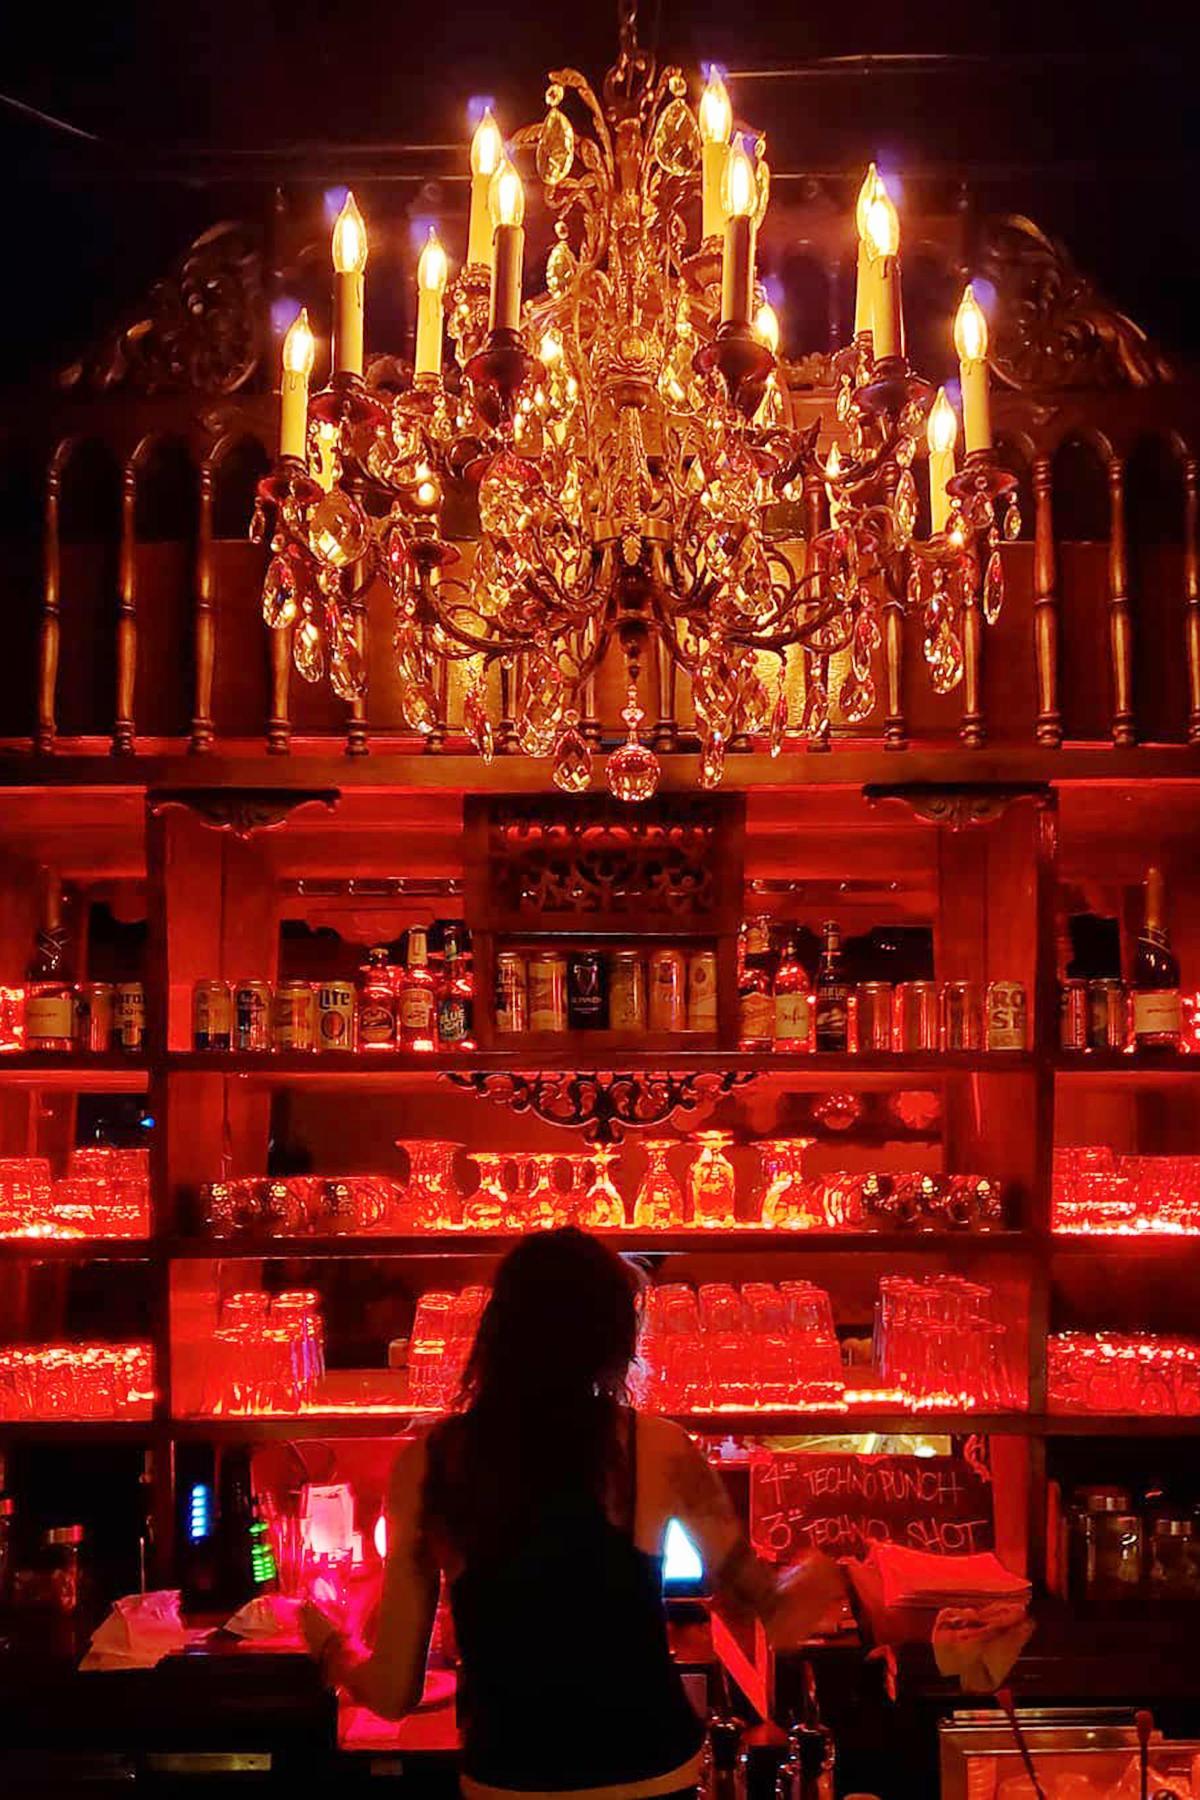 Best Bars in Detroit